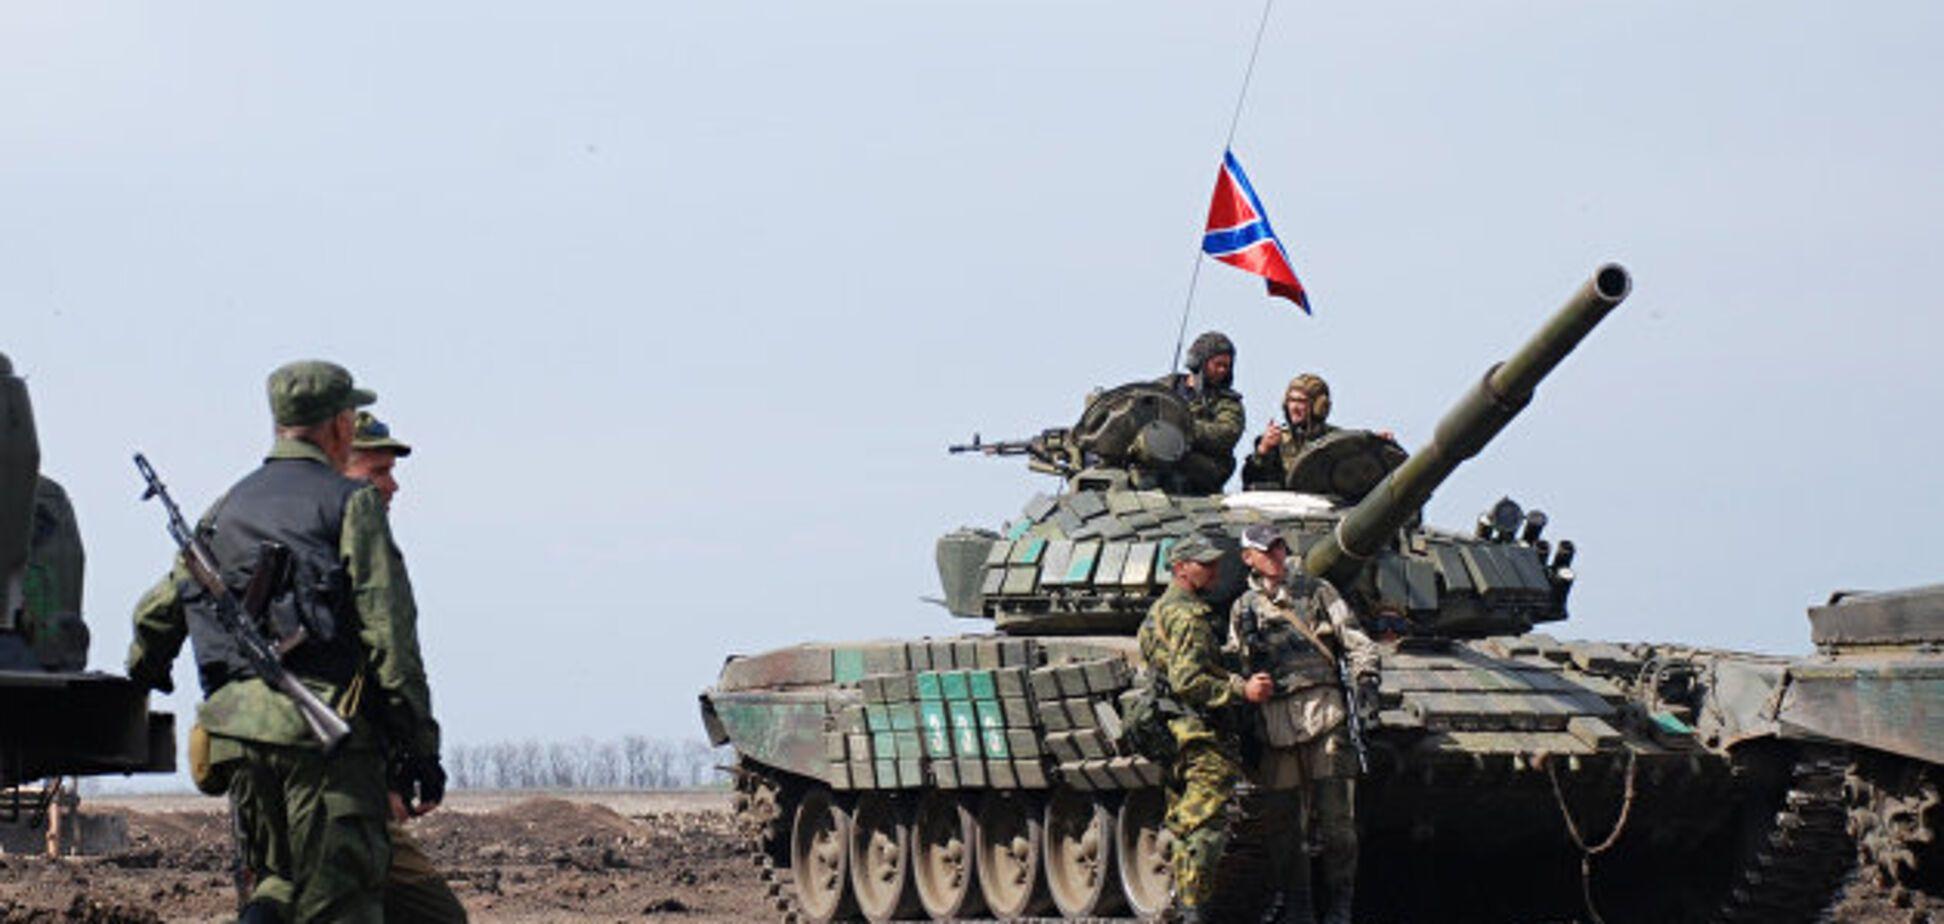 'Ихтамнетам' на Донбассе приказали сдать все документы РФ - разведка